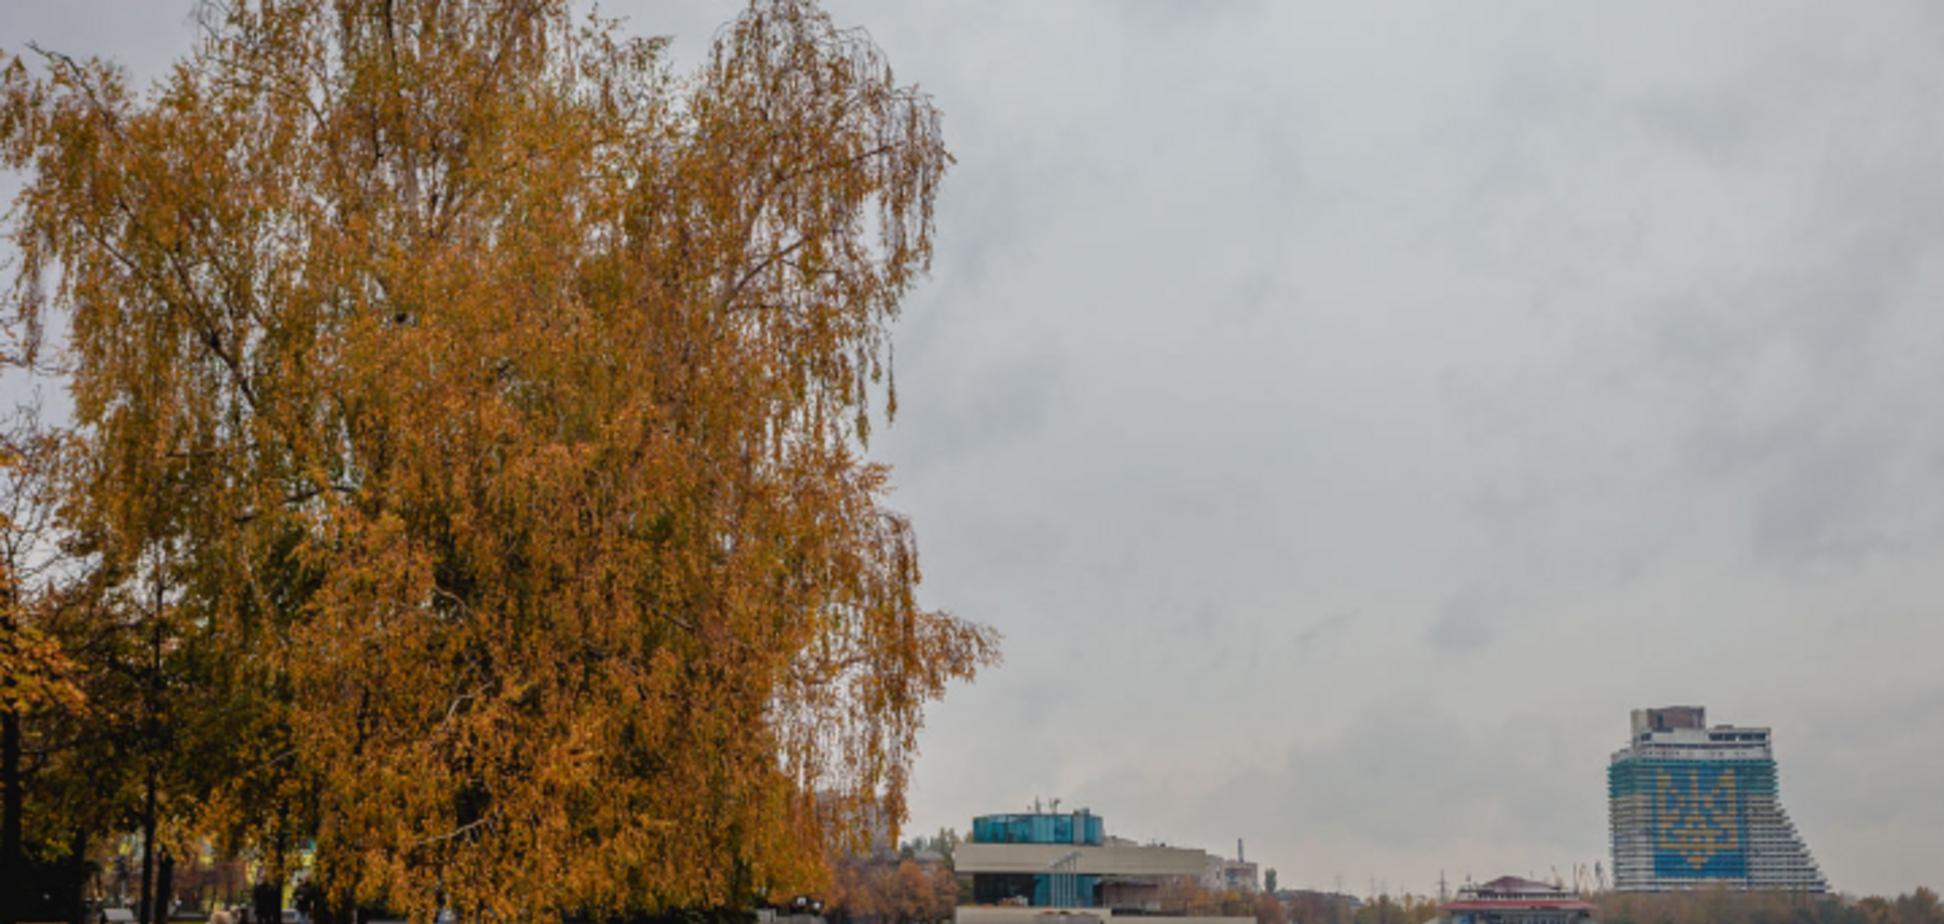 Днепр в контрастах: опубликованы волшебные фото осеннего города